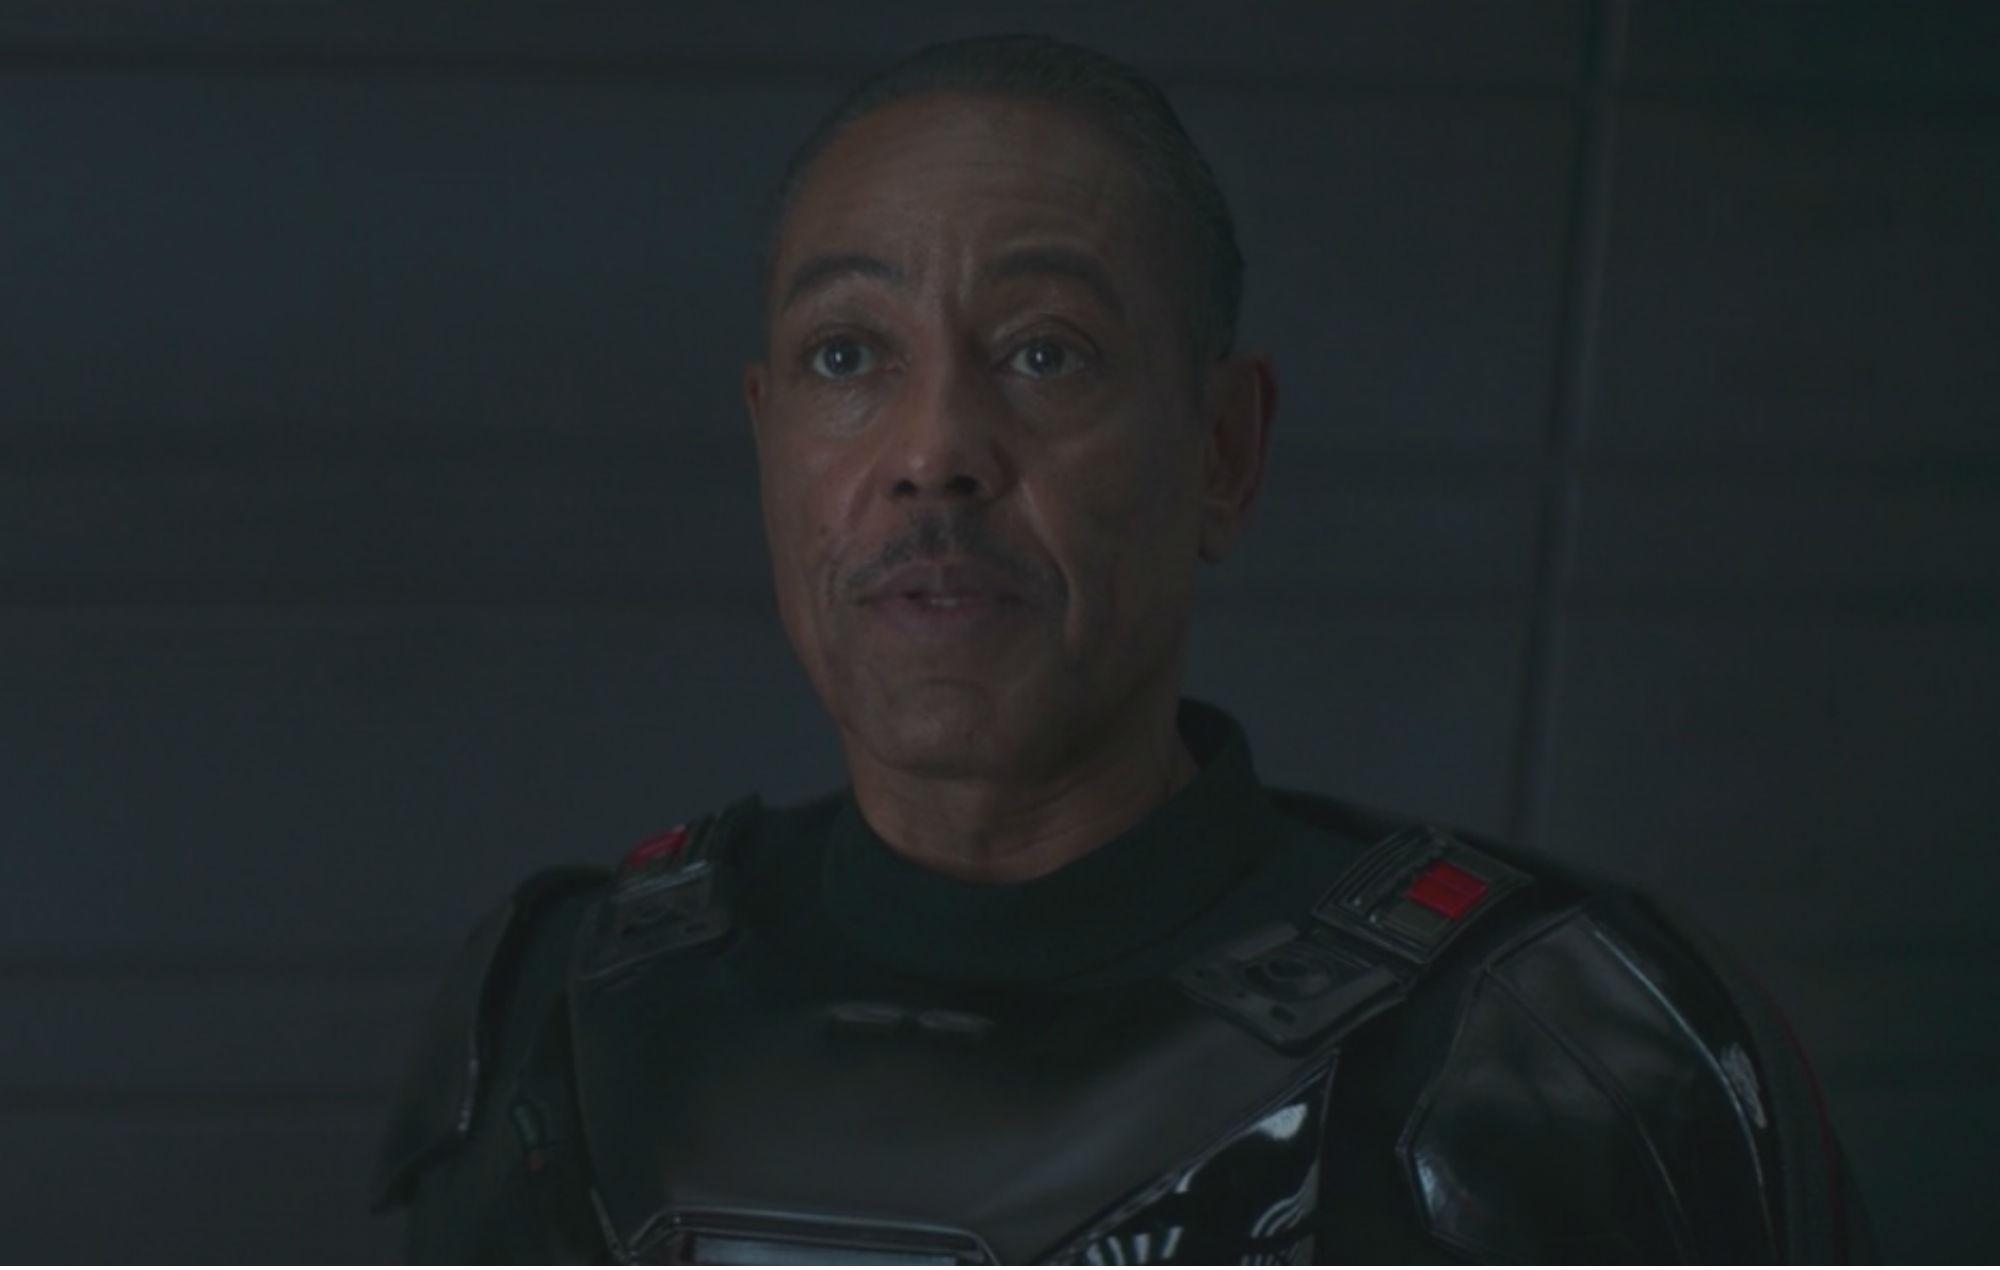 Moff Gideon in 'The Mandalorian'